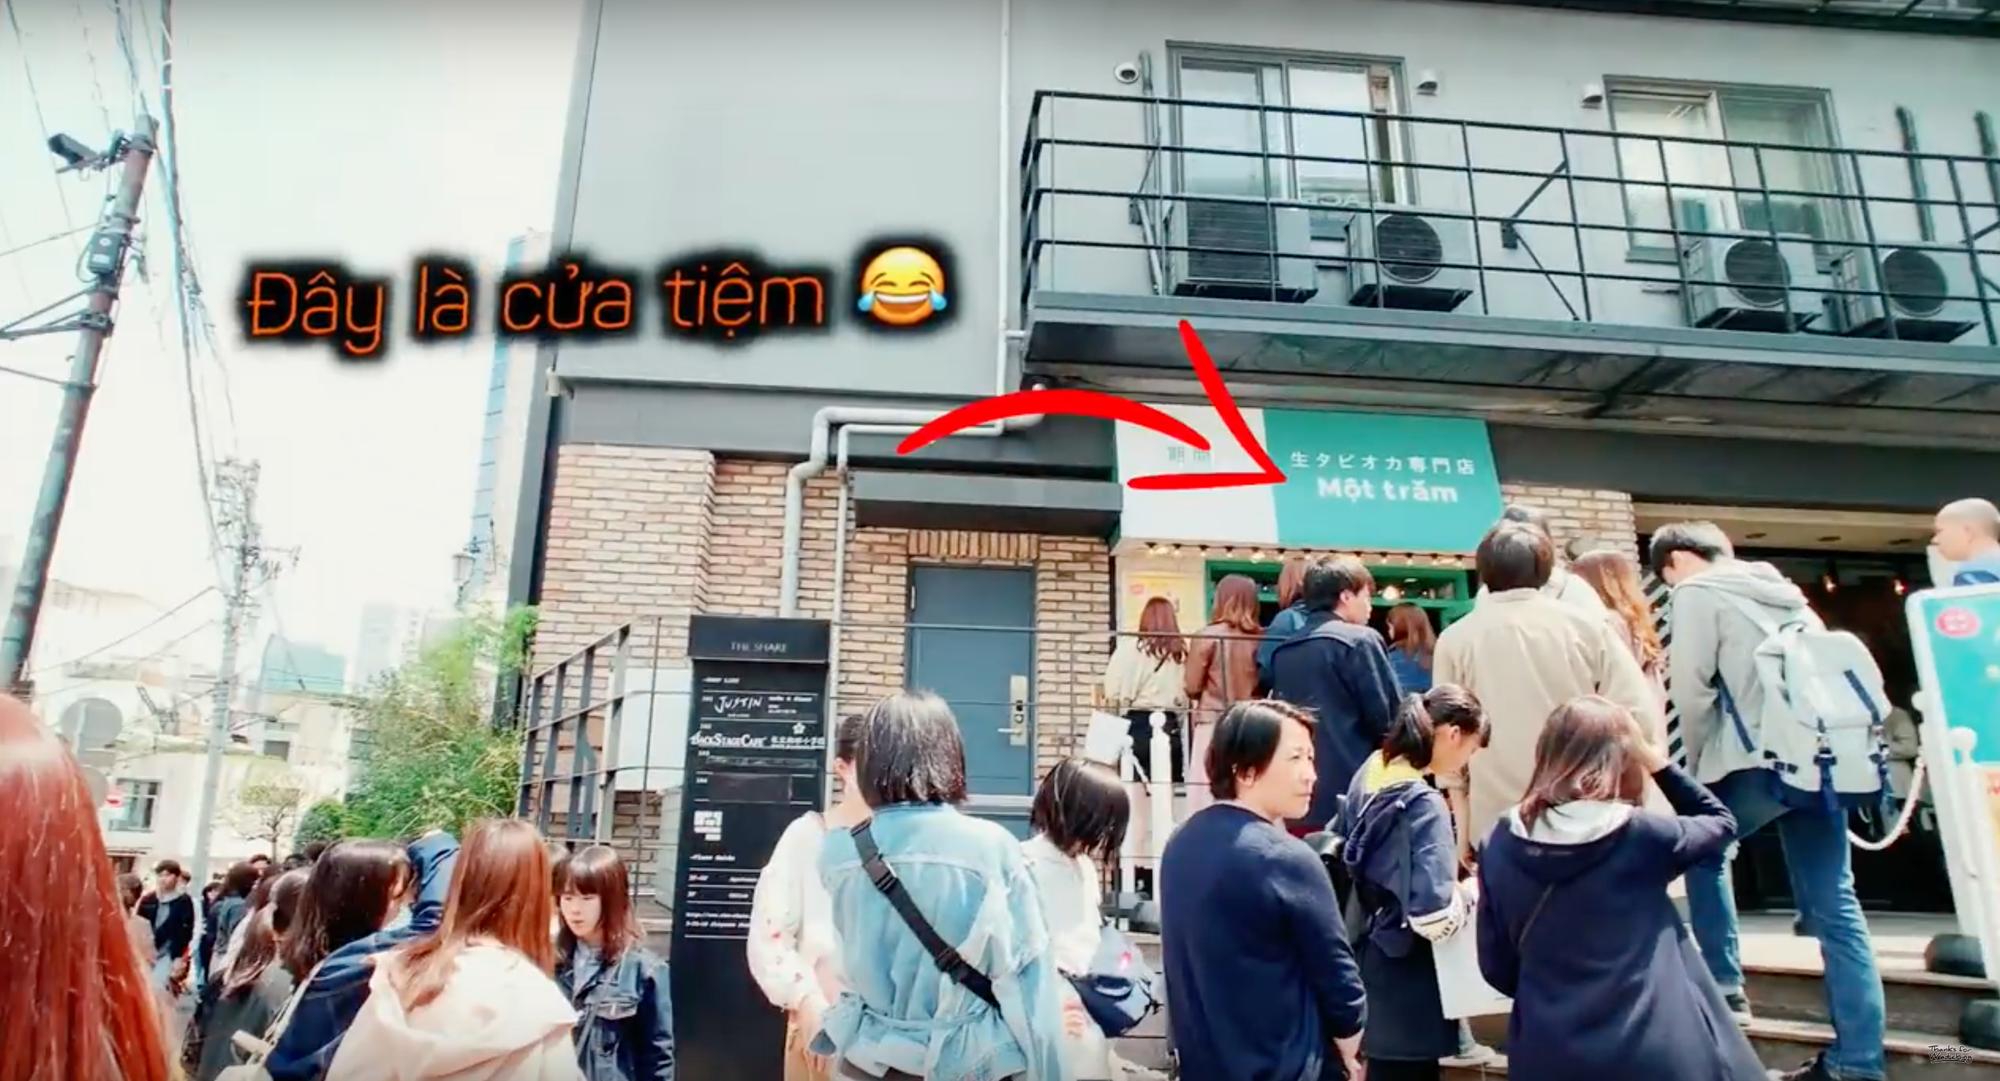 Theo chân du học sinh Việt khám phá nguyên do Trà Sữa Một Trăm gây sốt trên đất Nhật, thậm chí lên cả TV - Ảnh 2.